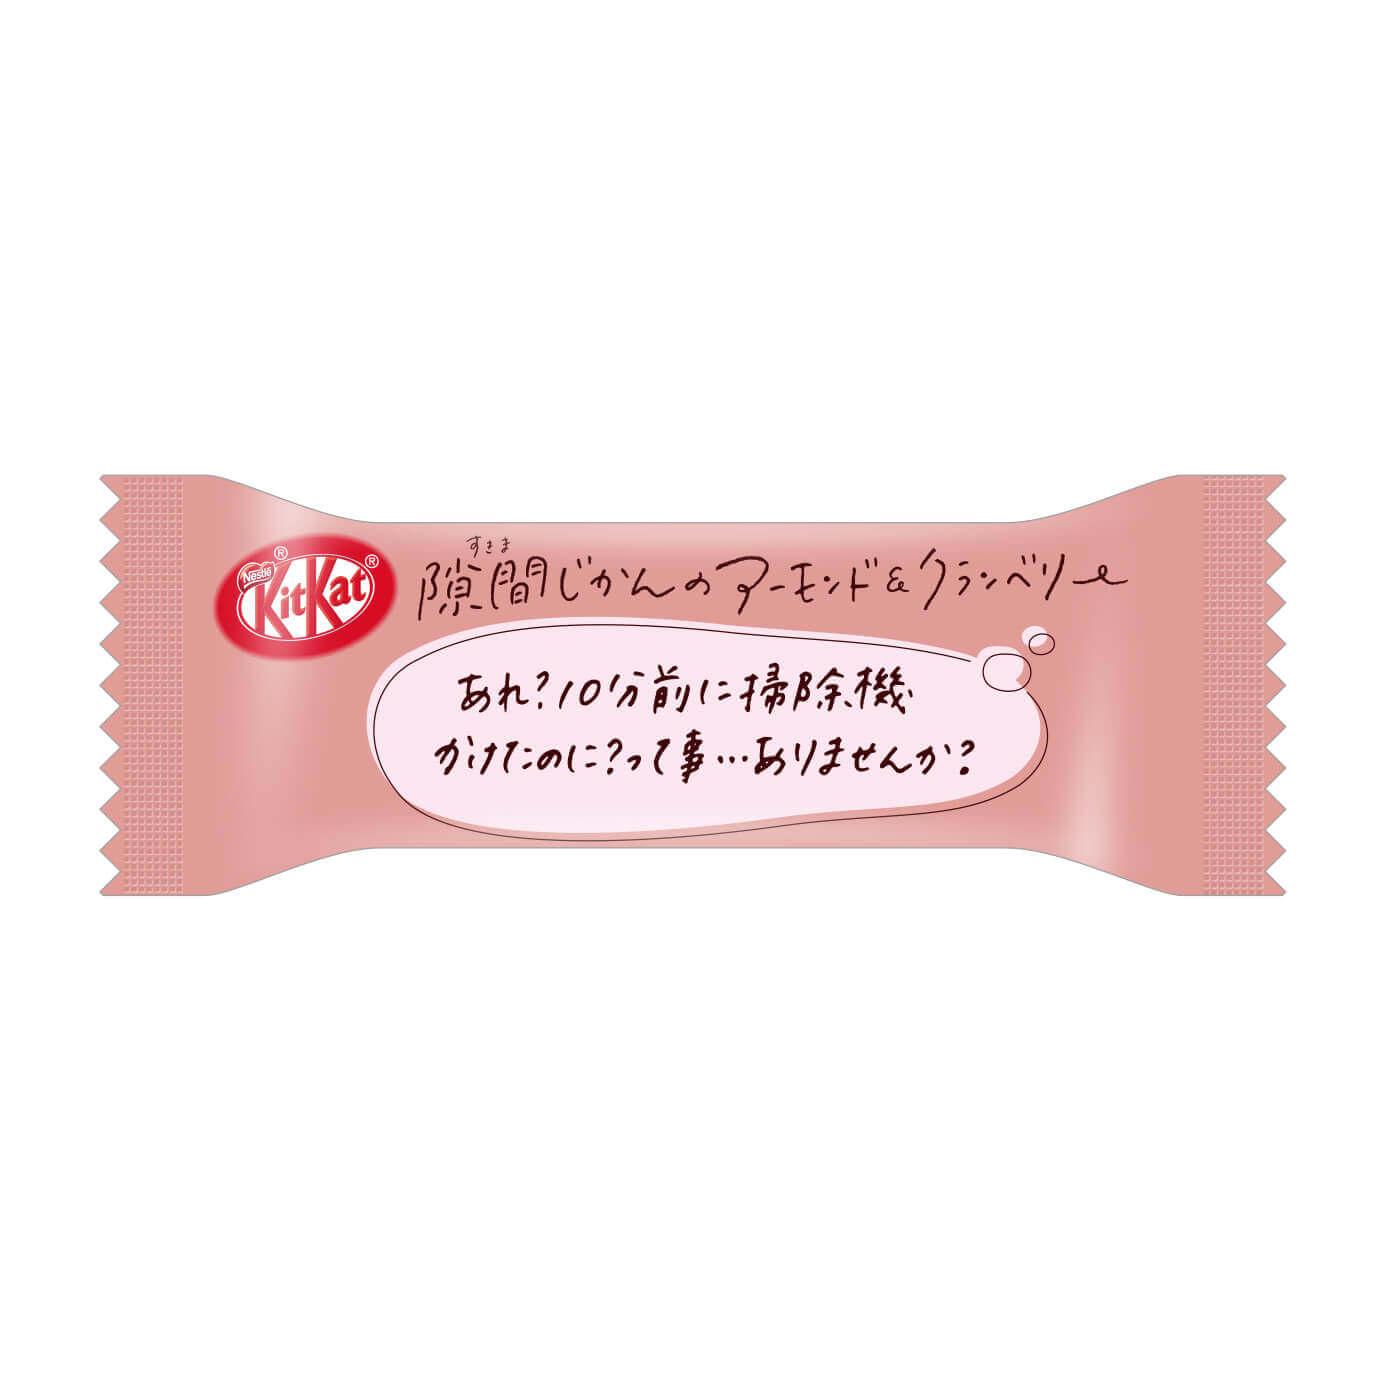 『キットカット 隙間じかんのアーモンド&クランベリー ルビー』-個包装パッケージ